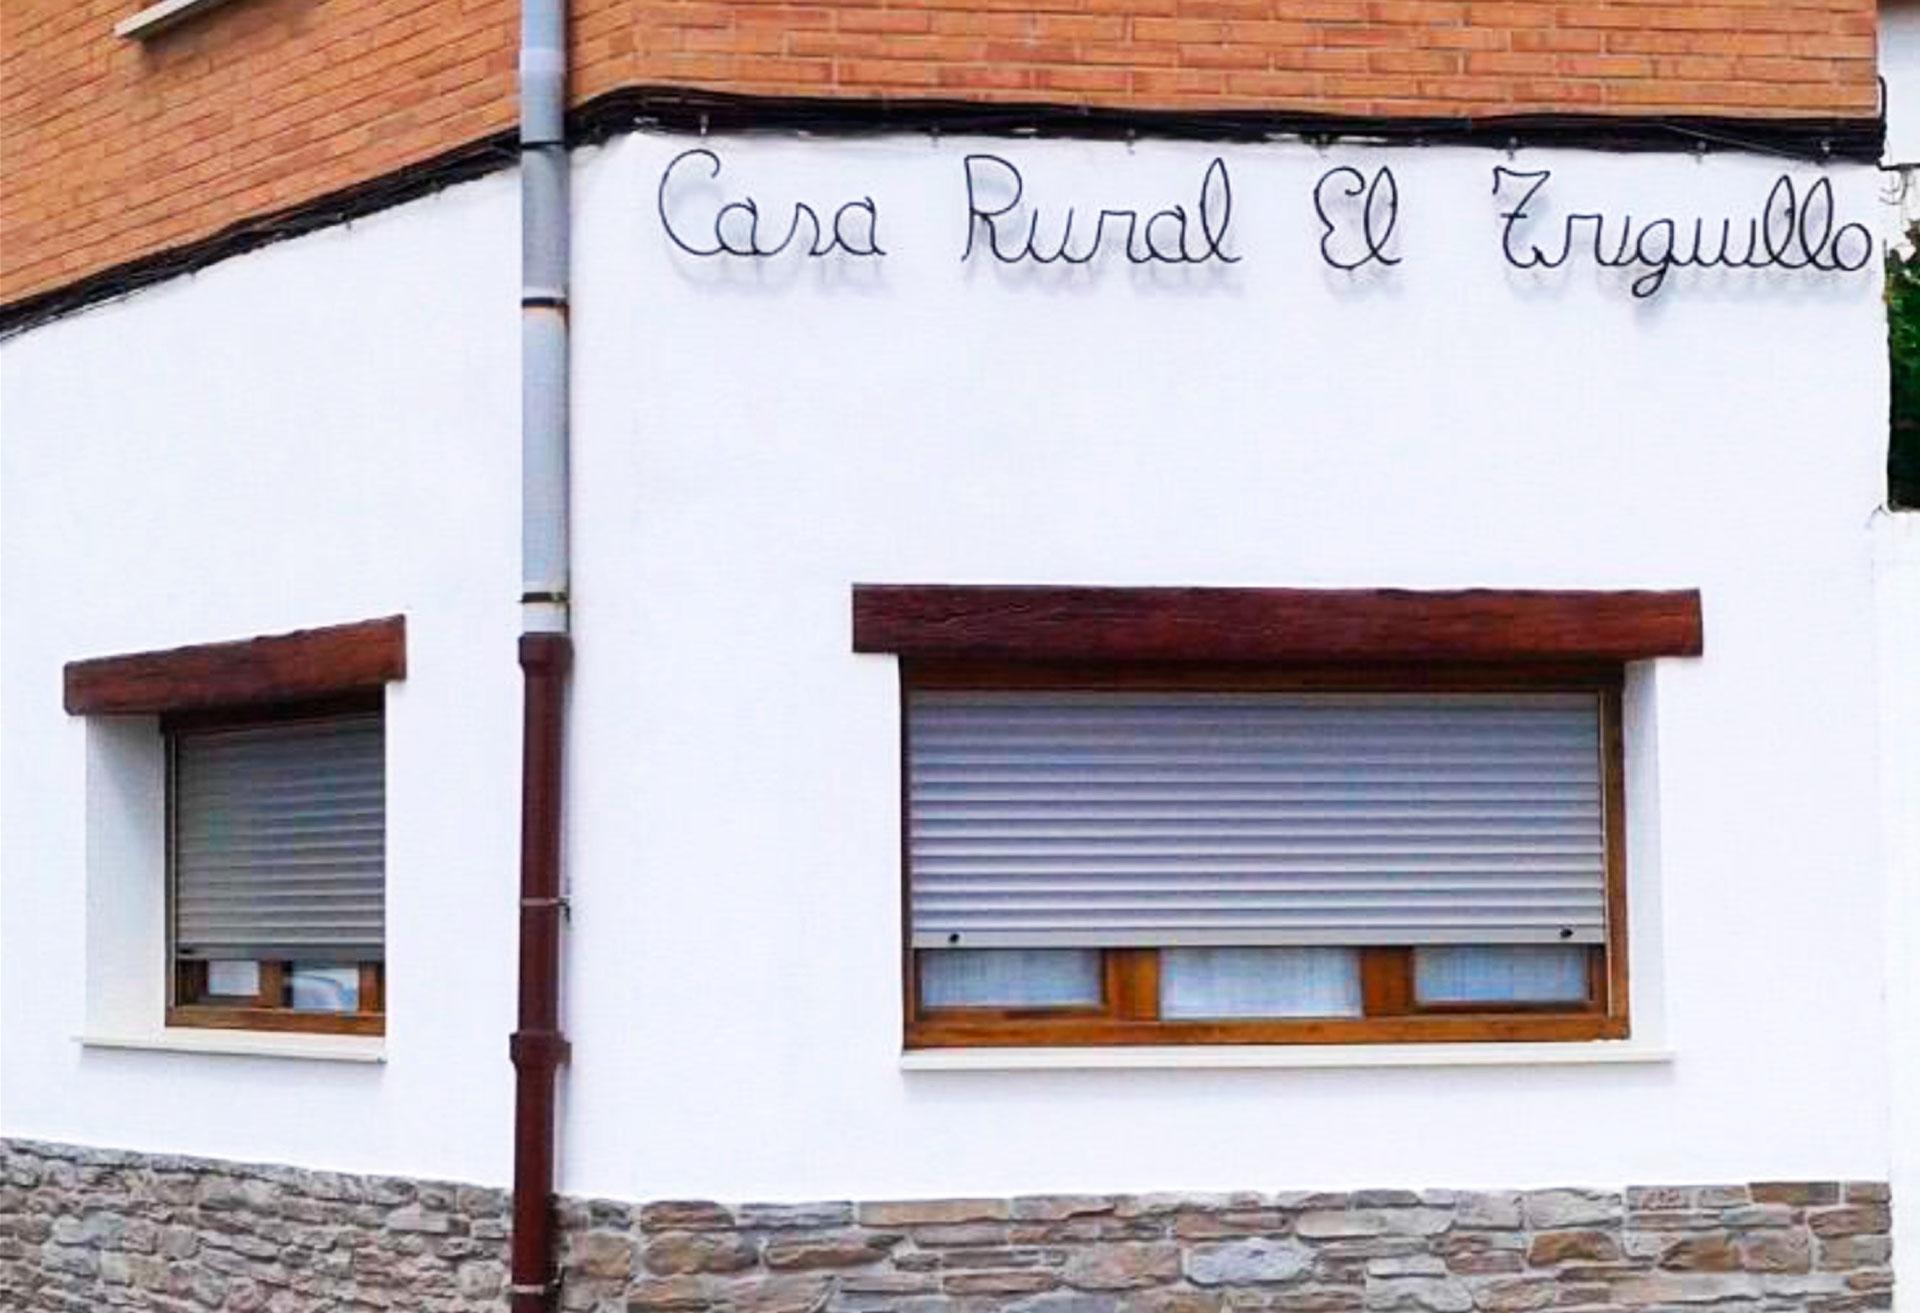 Casa Rural El Triguillo